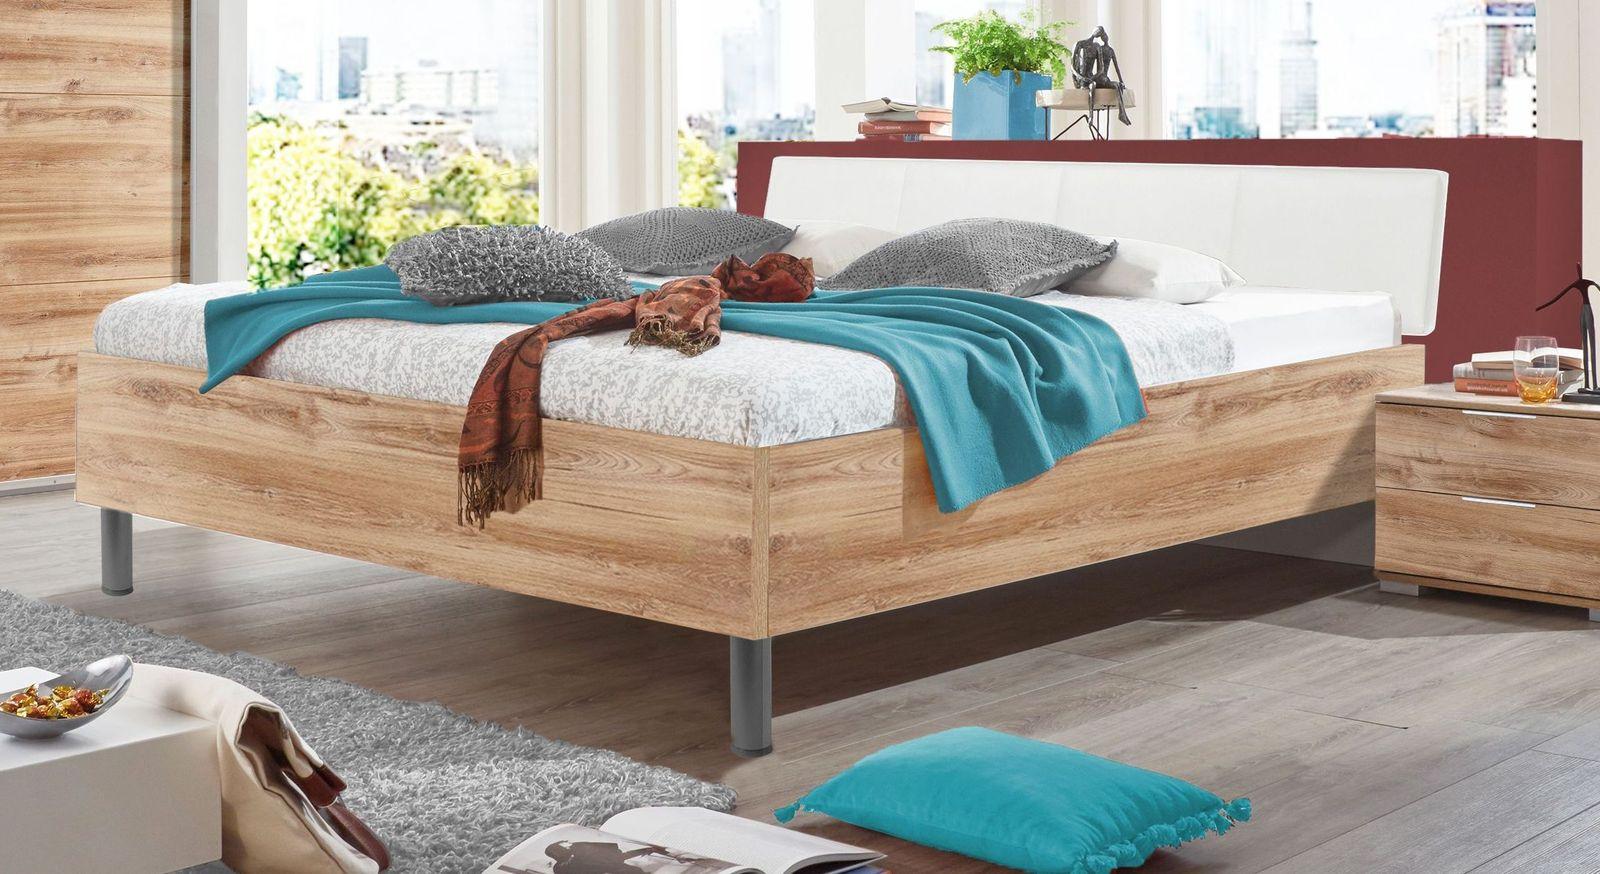 bett weiss 180x200 preisvergleich die besten angebote online kaufen. Black Bedroom Furniture Sets. Home Design Ideas